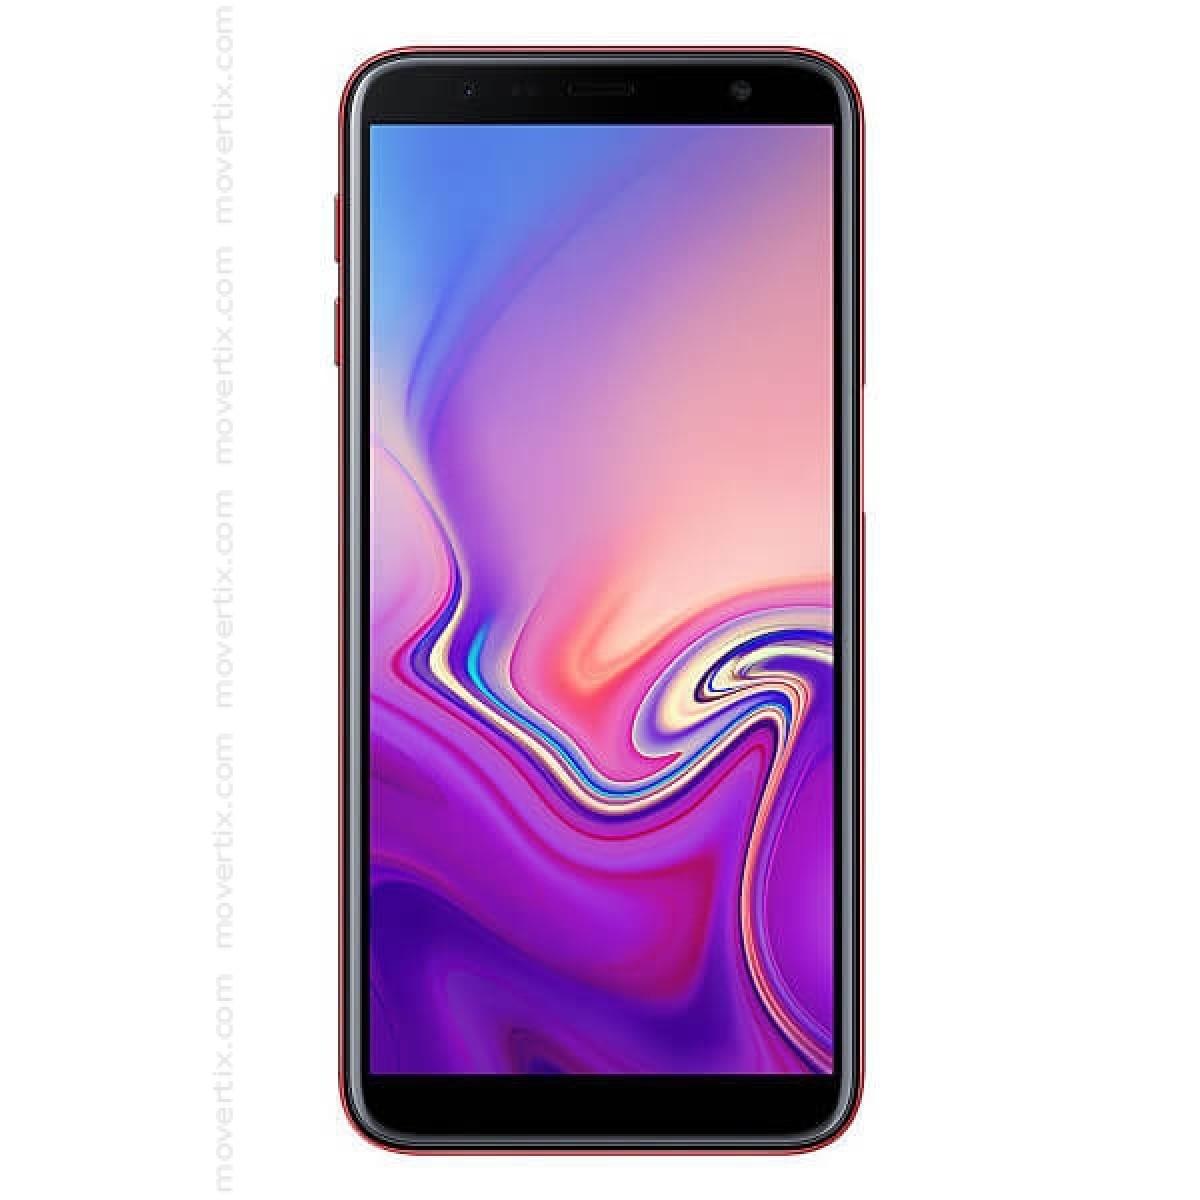 04921a2e8a73f El Samsung Galaxy J6 Plus (2018) de color rojo es un smartphone Dual SIM con  una pantalla de 6 pulgadas